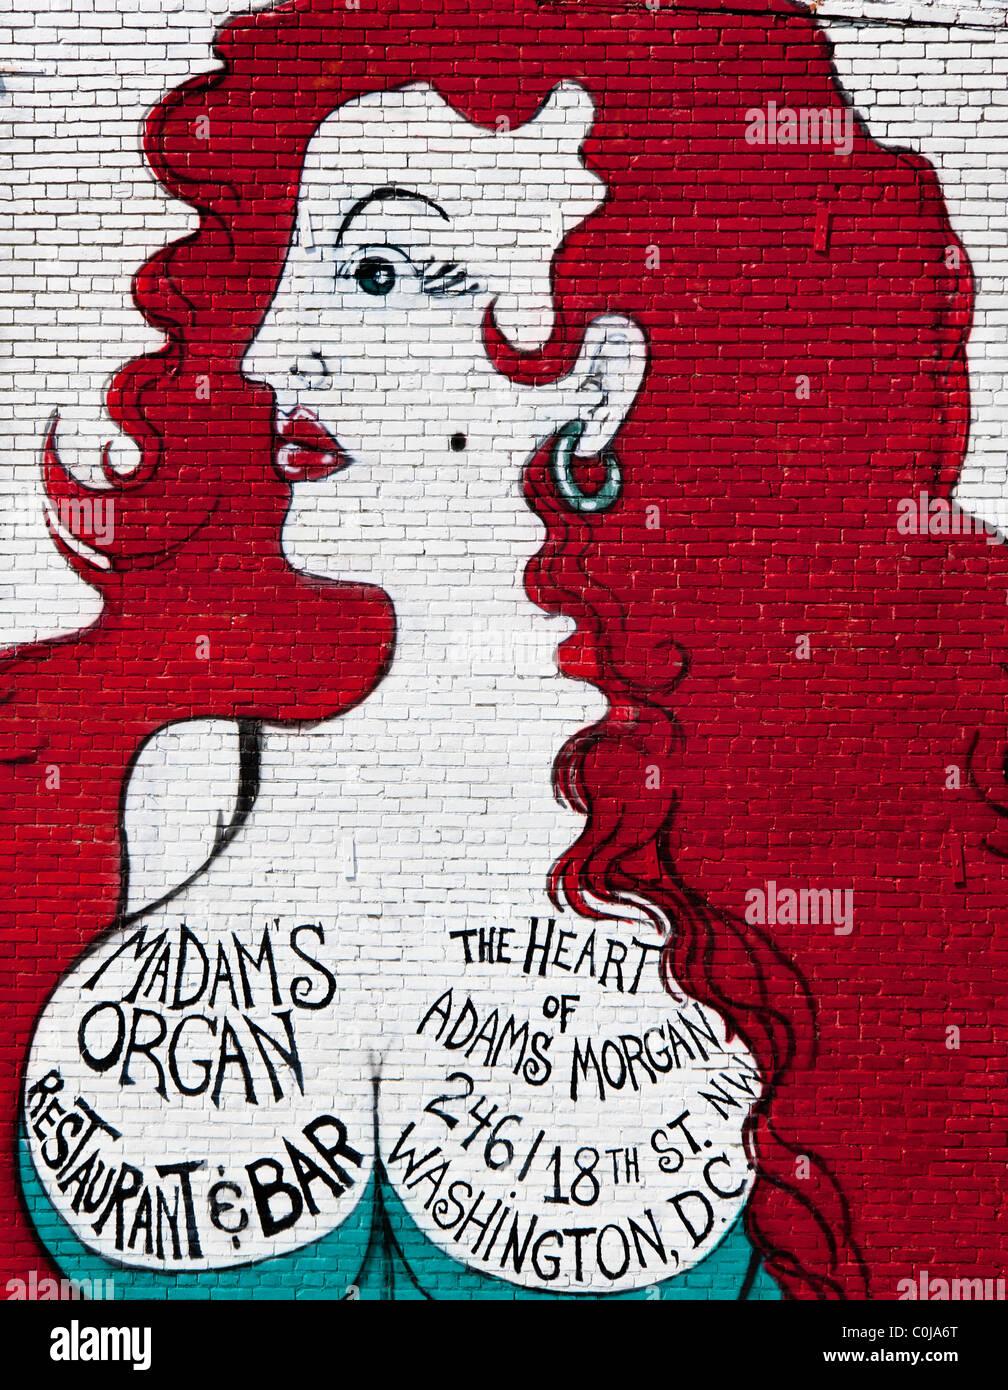 Landmark Wandbild einer dralle Dame auf der Seite des Vereins Frau Orgel am 18. Street NW in Adams Morgan in Washington Stockbild